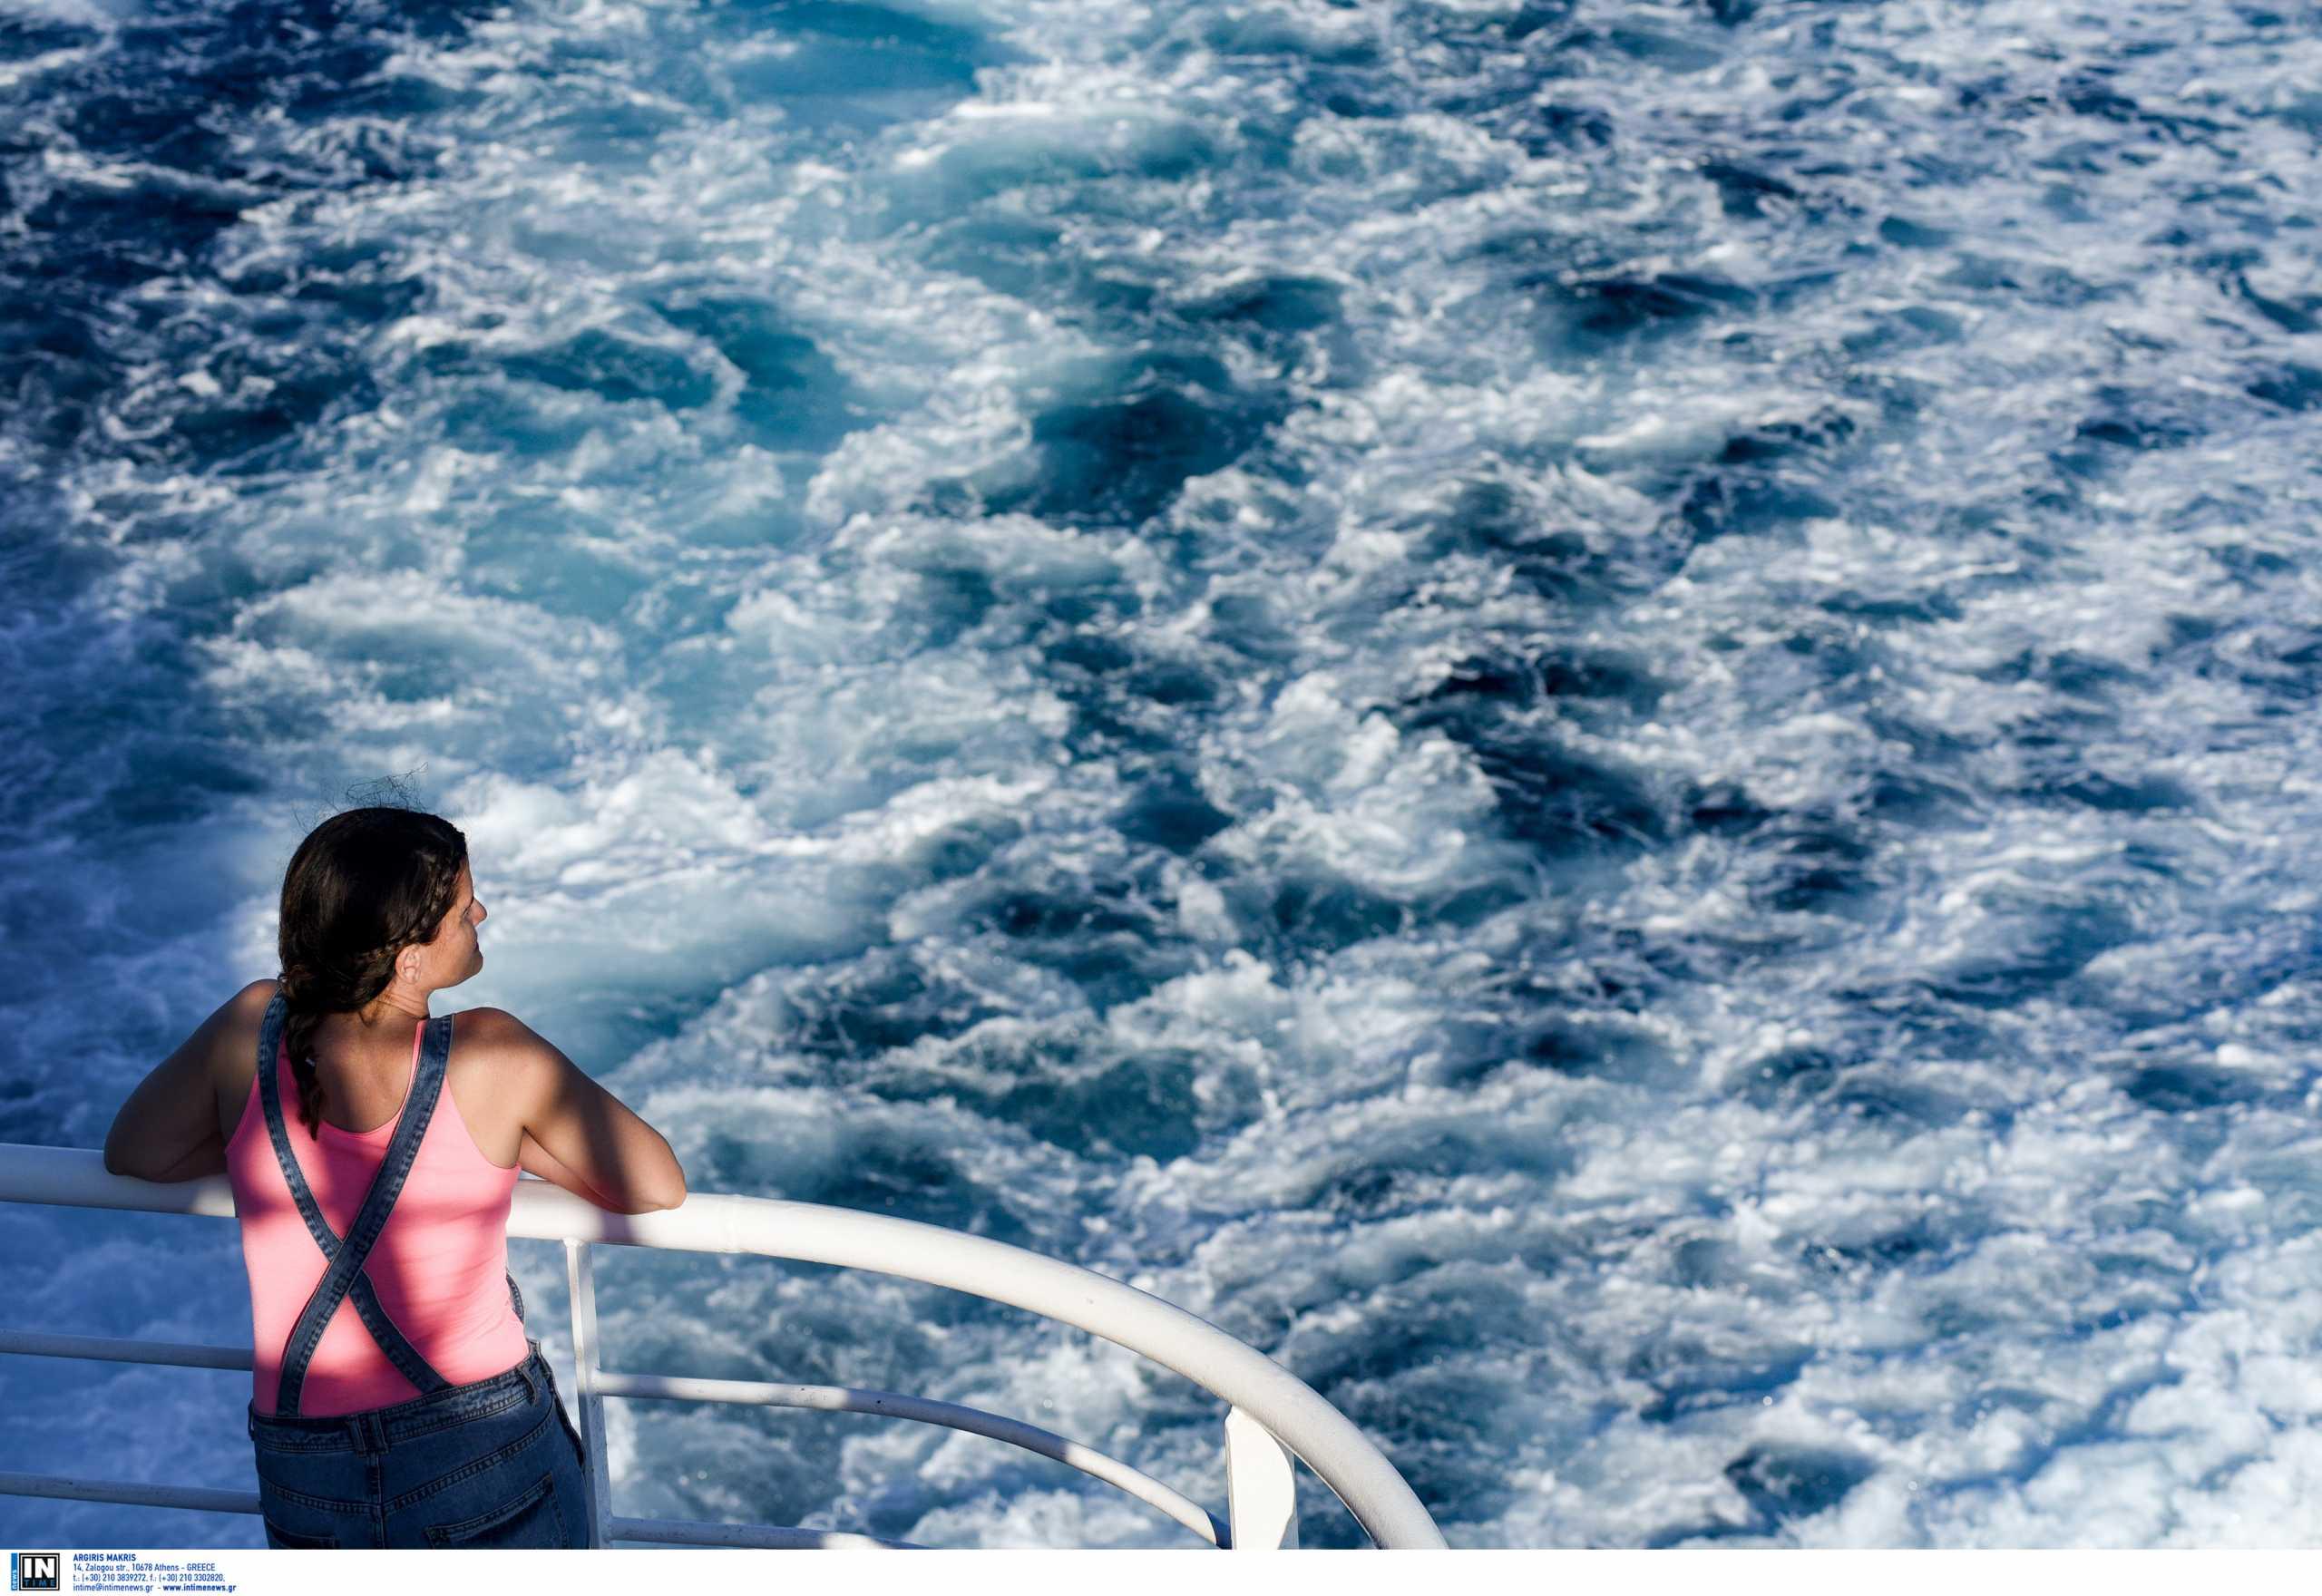 Βόλος: Τα απόνερα του πλοίου λίγο έλειψε να πνίξουν 12χρονο κορίτσι – Σκηνές πανικού σε παραλία